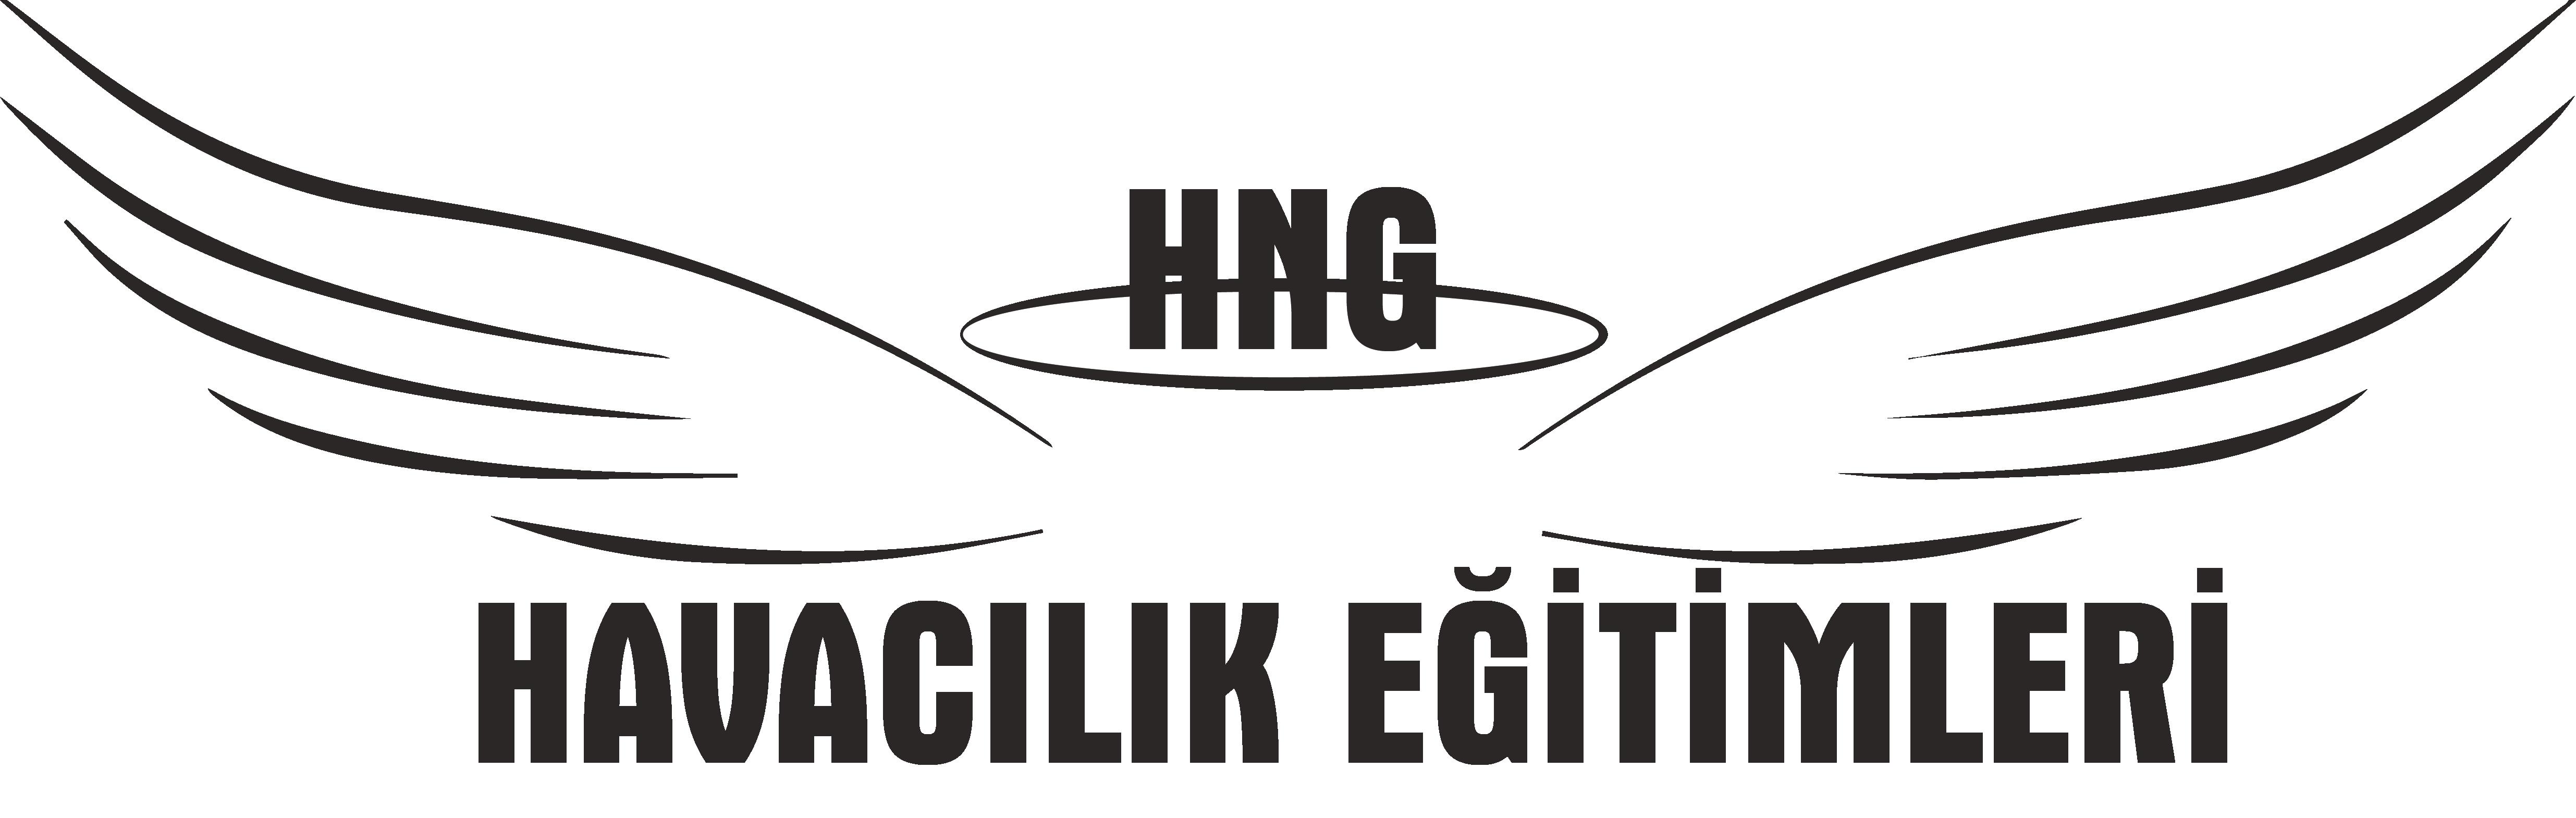 HNG HAVACILIK EĞİTİMLERİ